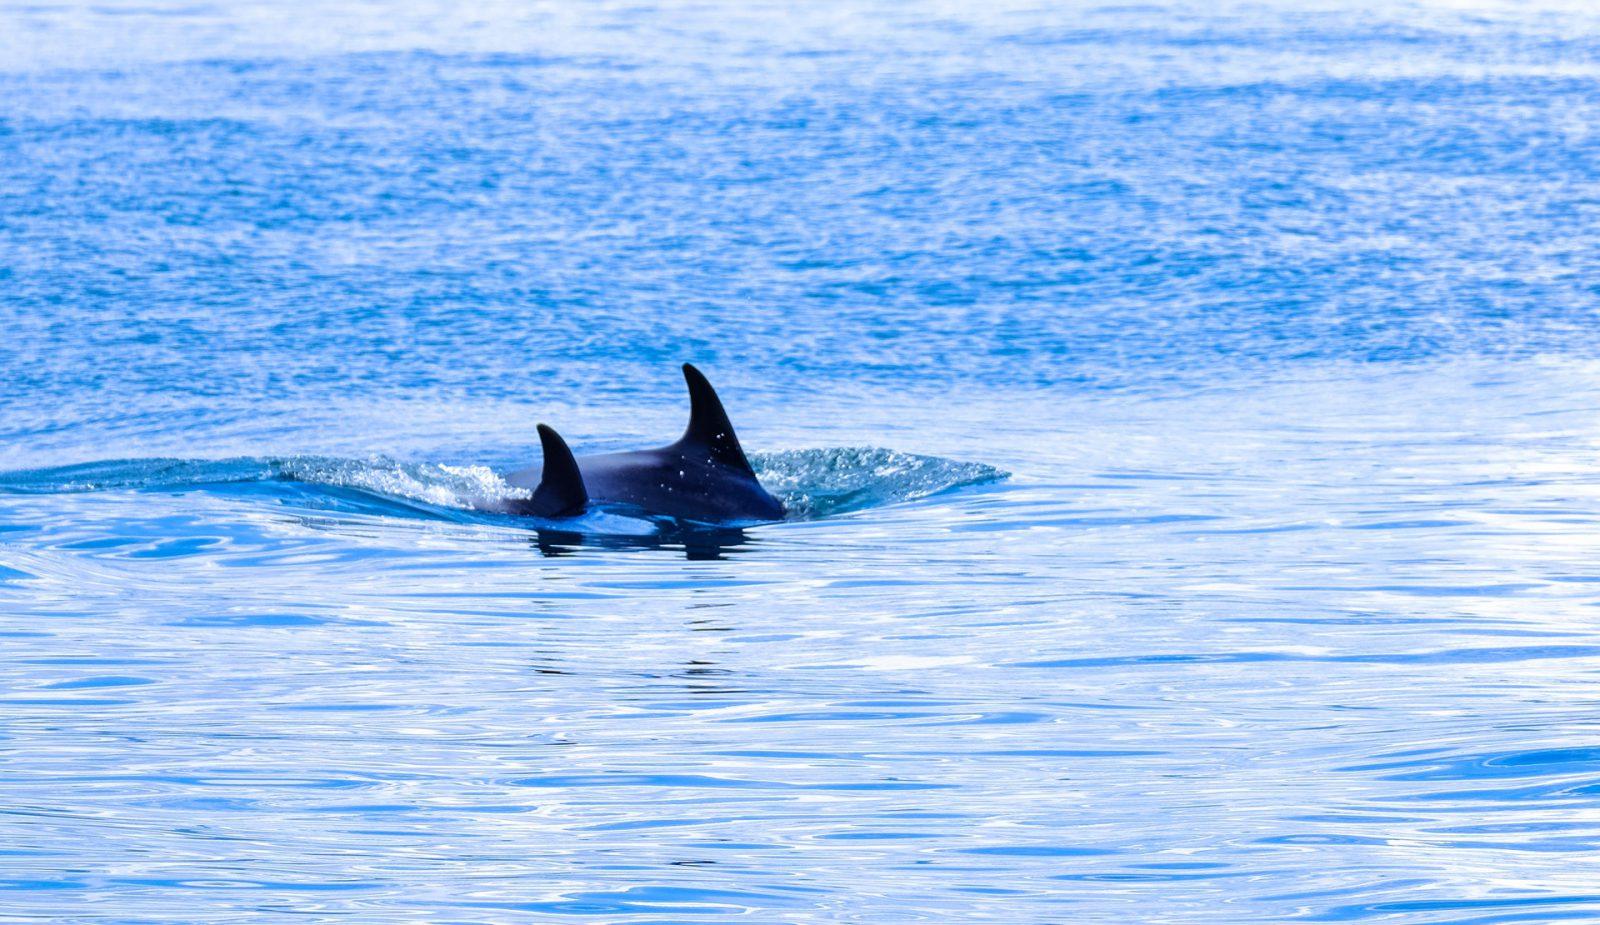 Sonhar com baleia jubarte é sinal de que vai encontrar o seu caminho.